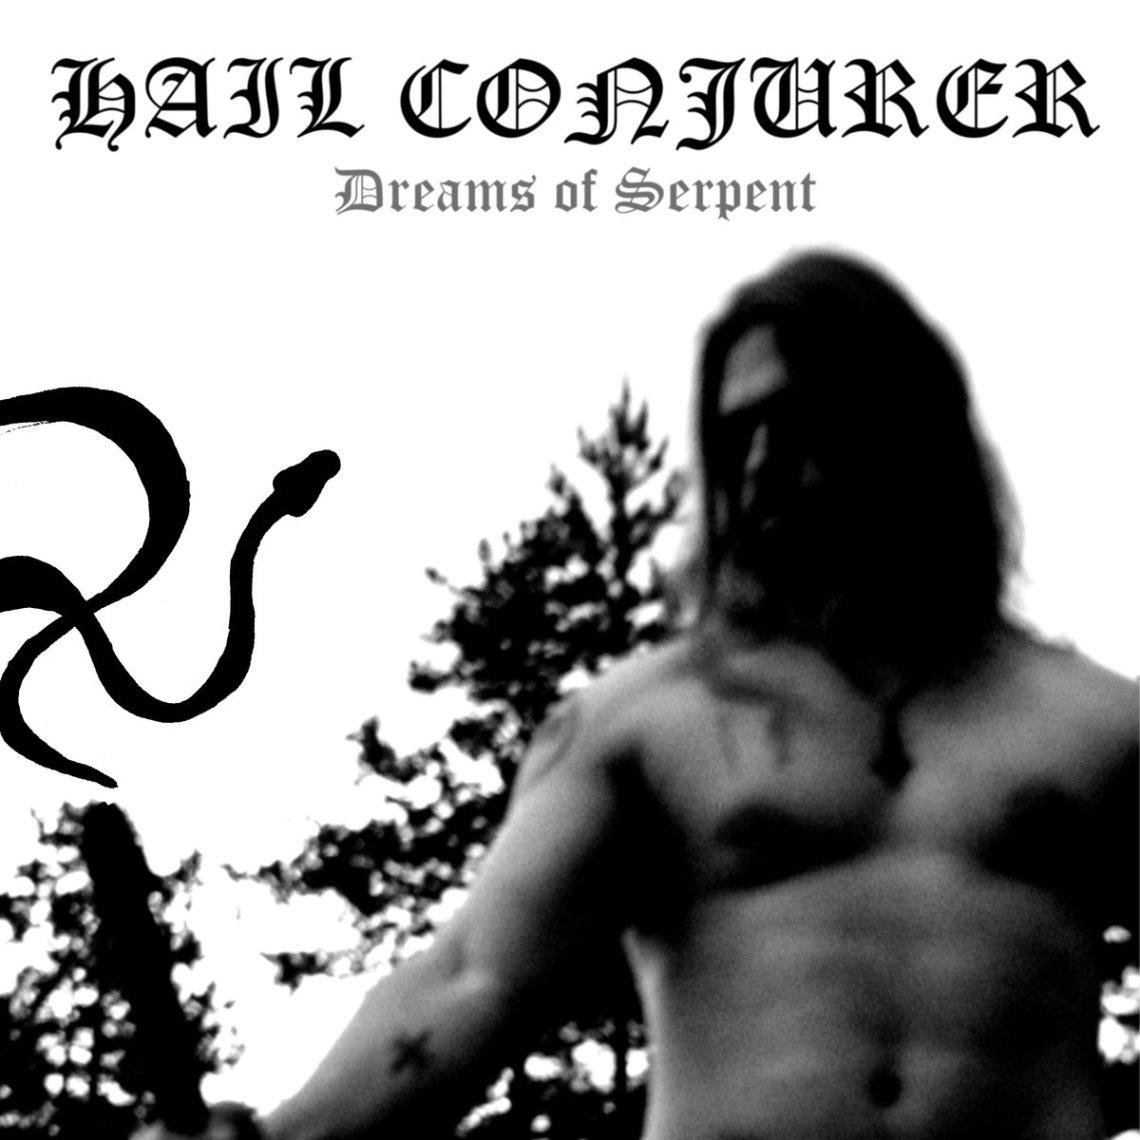 hail conjurer